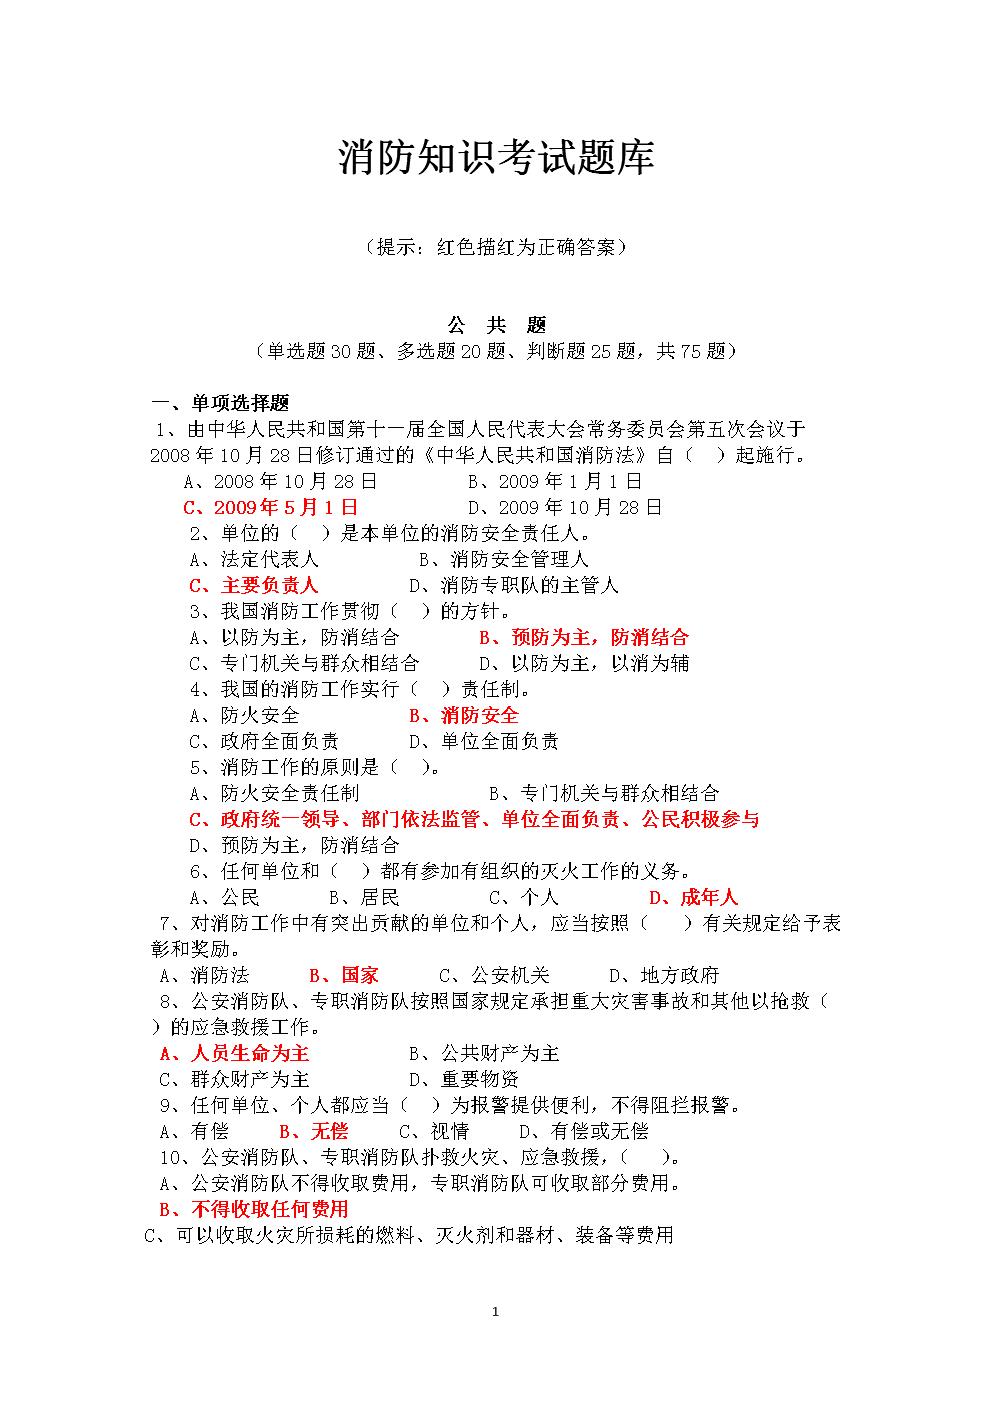 消防知识考试题库.doc